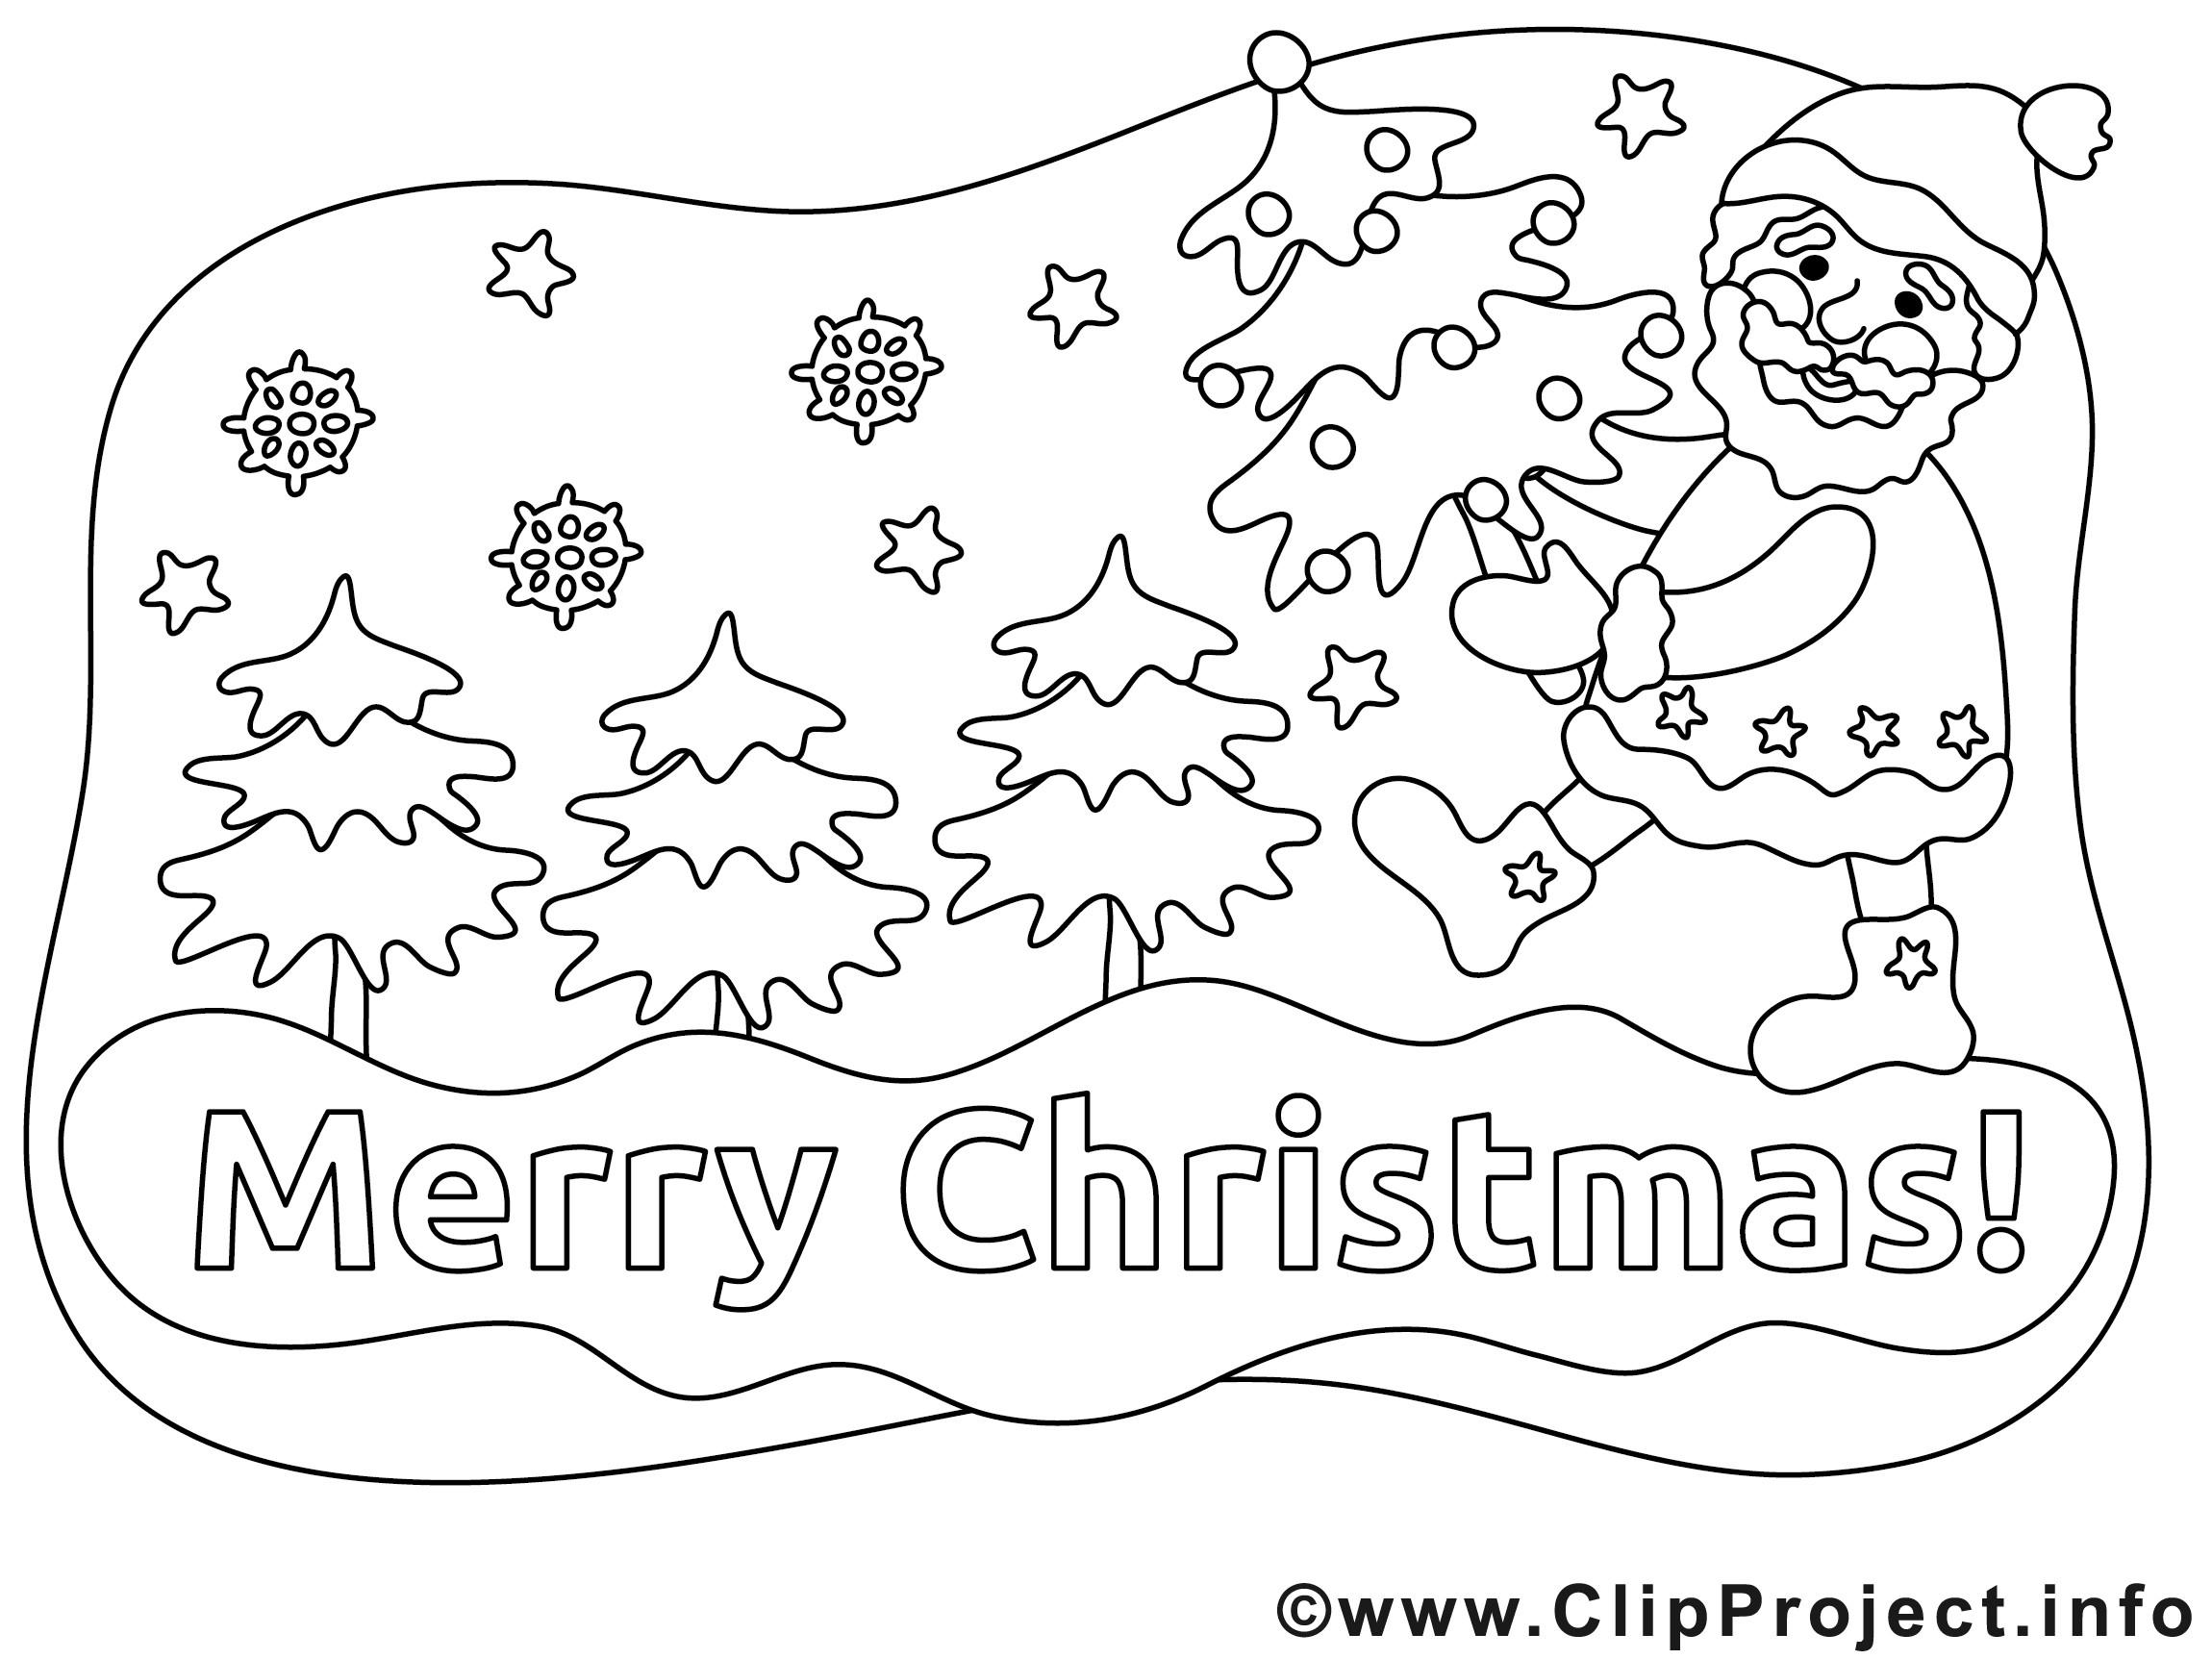 Malvorlagen Weihnachten Kostenlos Einzigartig Weihnachtsbilder Malen Malvorlagen Weihnachten Bilder